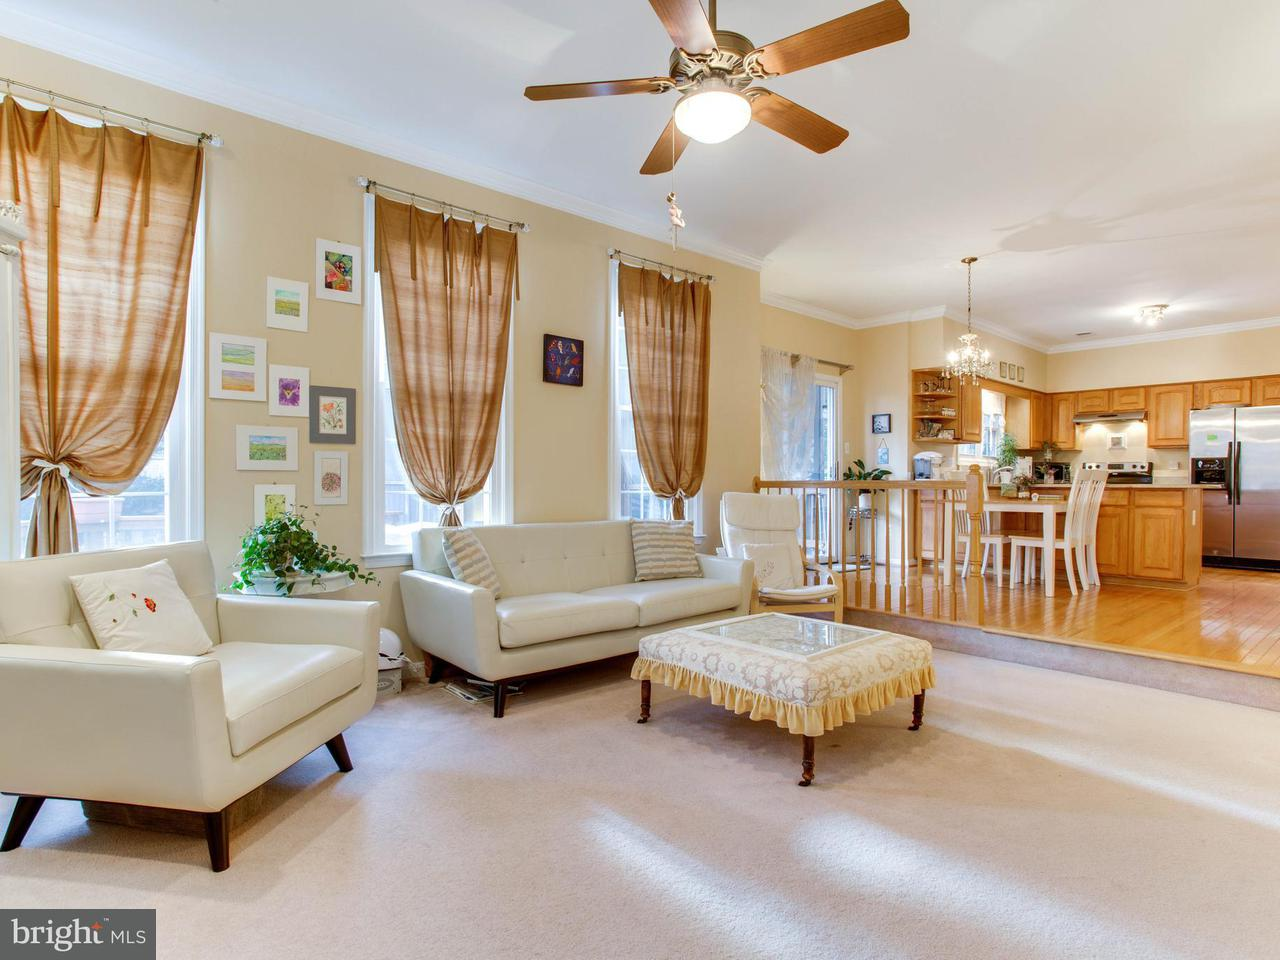 Additional photo for property listing at 4219 Trowbridge Street 4219 Trowbridge Street Fairfax, Virginia 22030 Estados Unidos